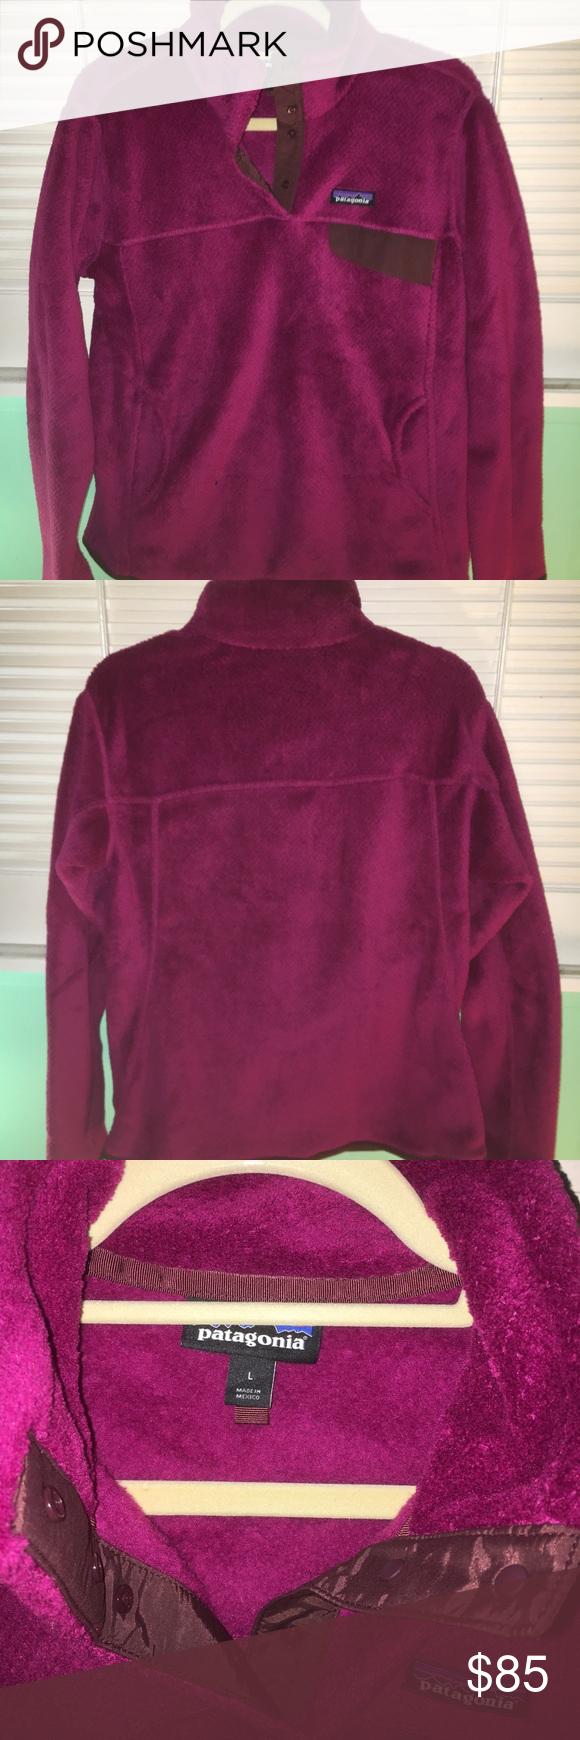 Patagonia womenus retool snapt fleece pullover in my